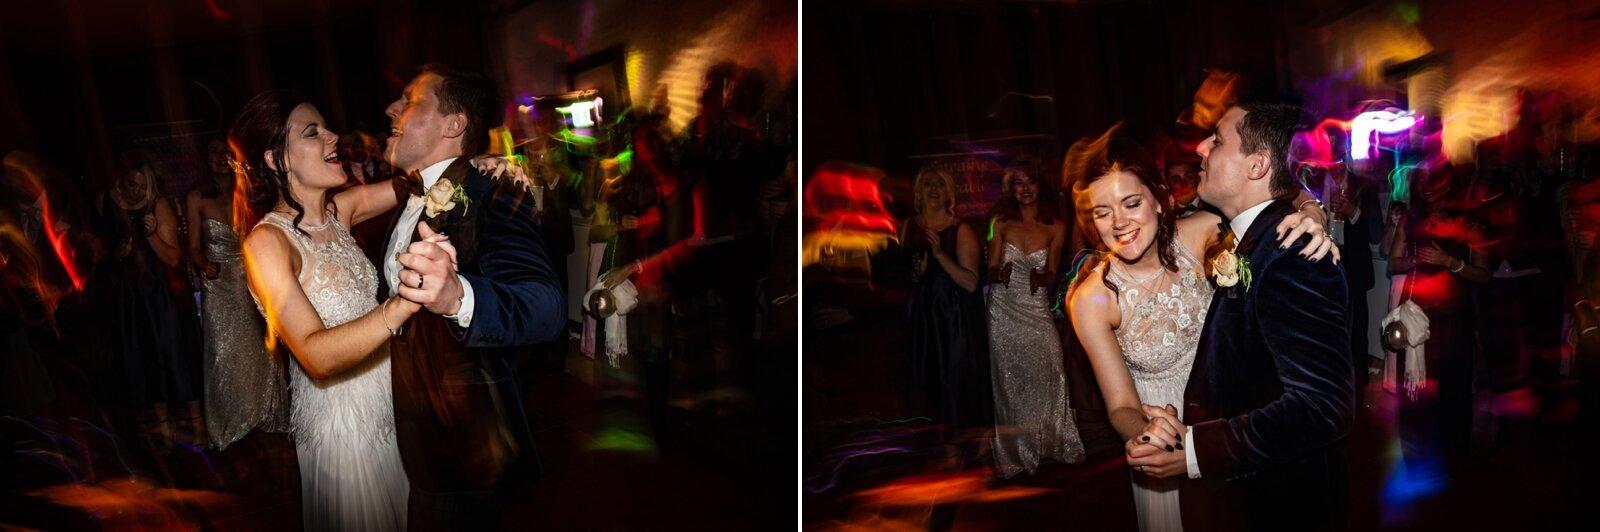 Andy&Szerdi-Photography_Party_Elaine-Stephen-5.jpg